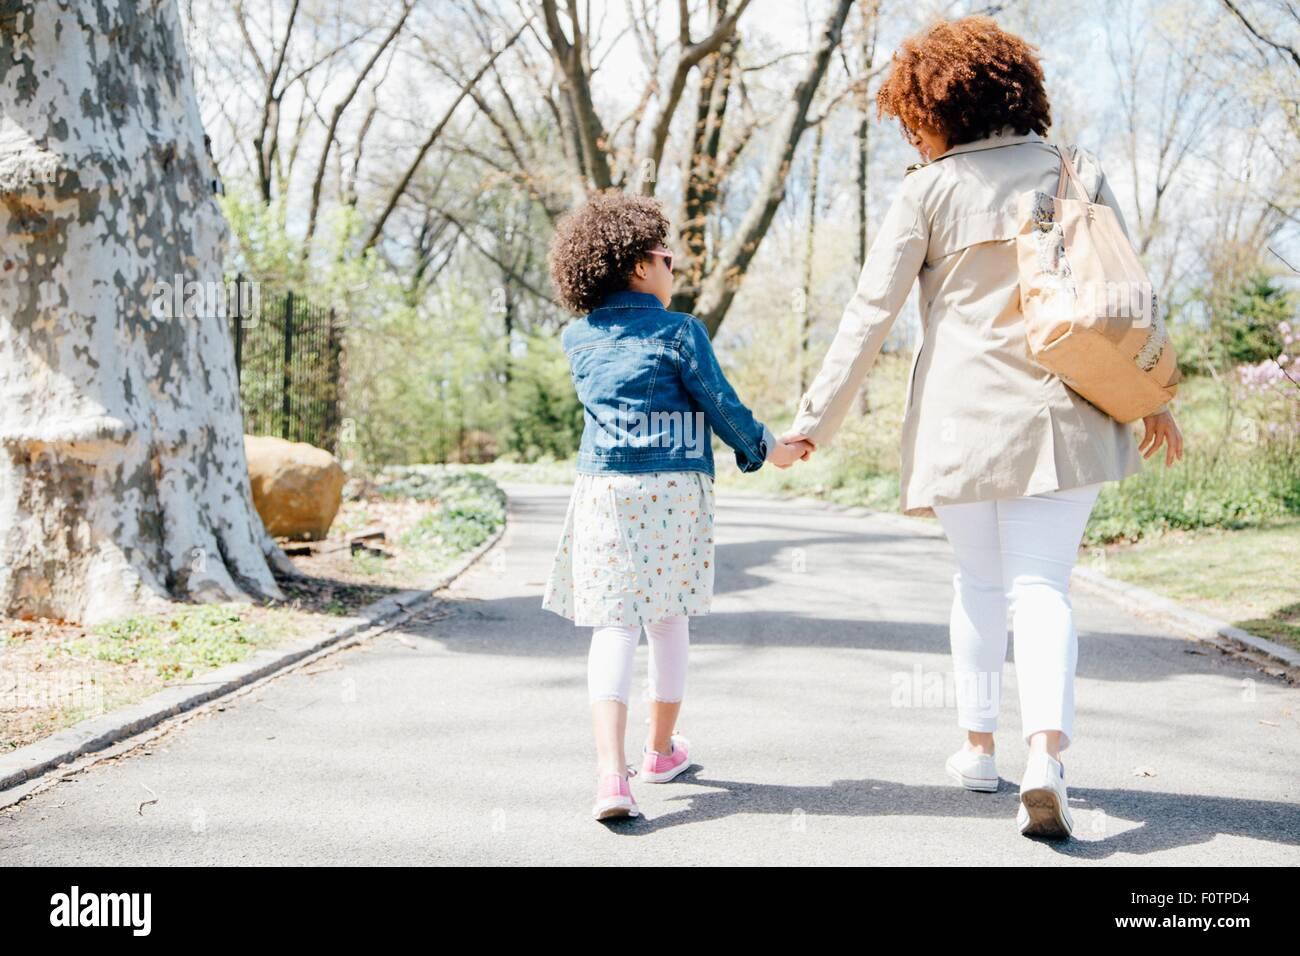 Vista trasera de la longitud completa de la madre e hija caminando tomados de las manos Imagen De Stock